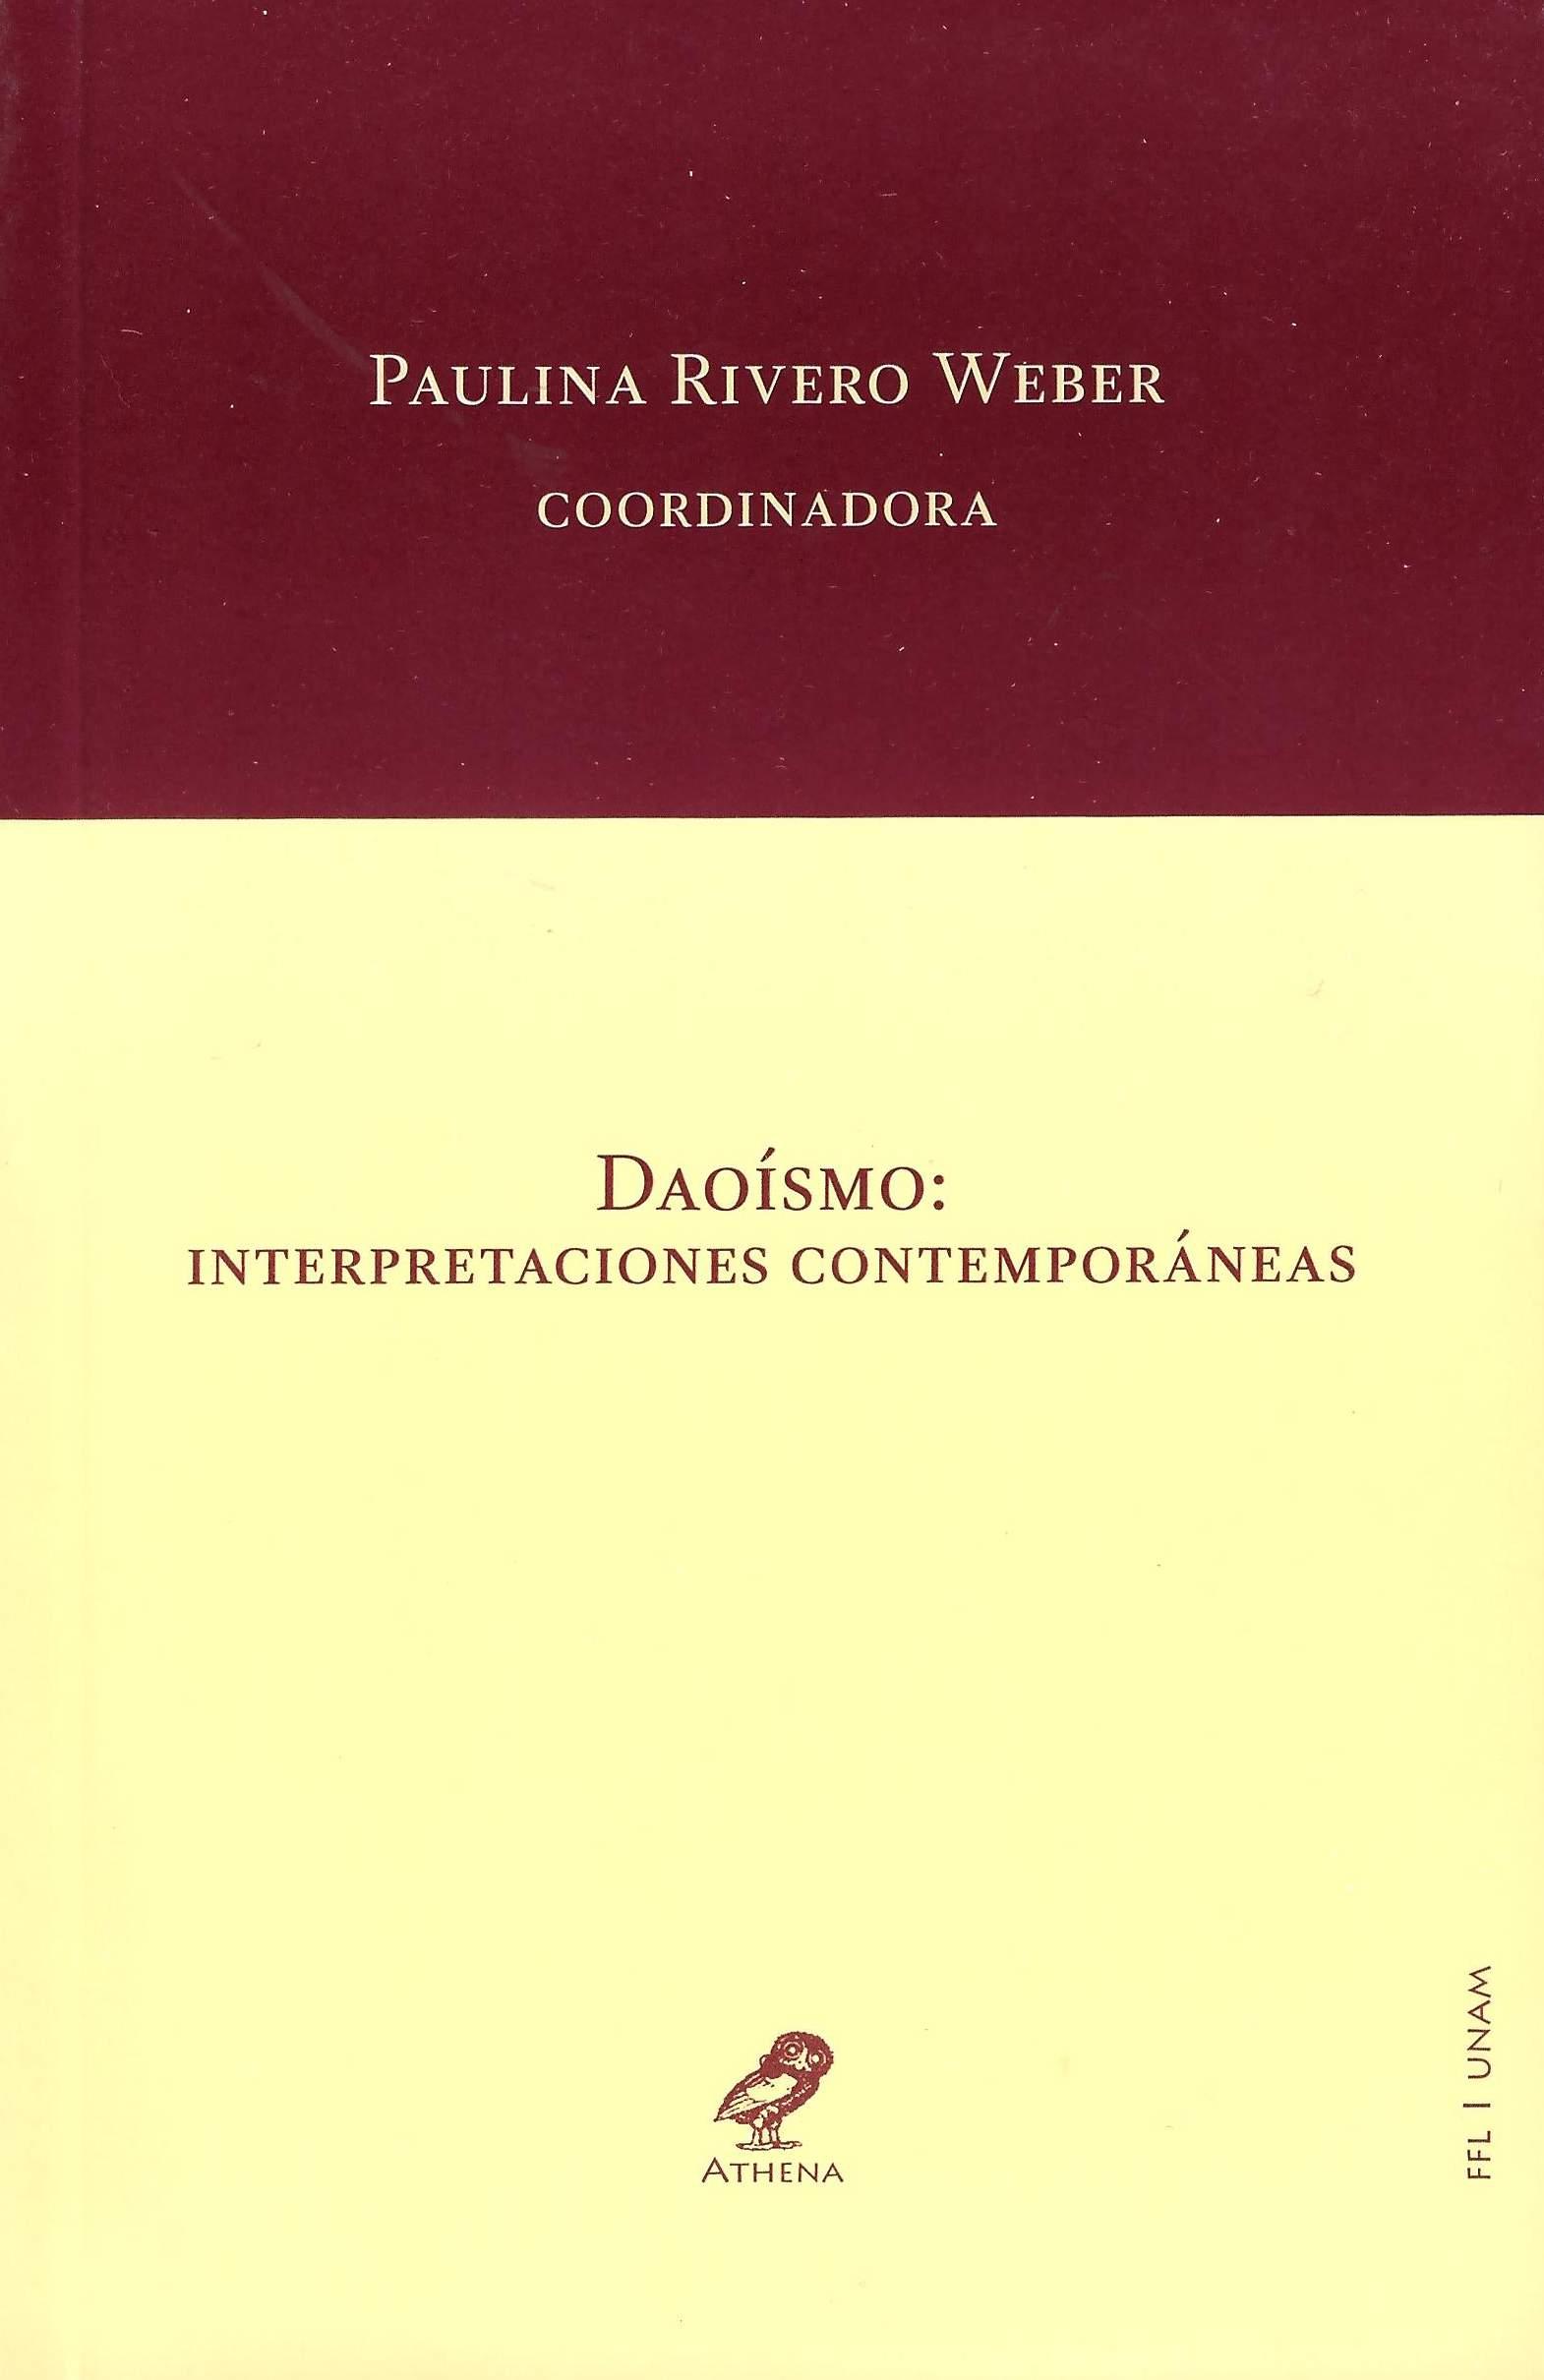 Daoísmo: interpretaciones contemporáneas